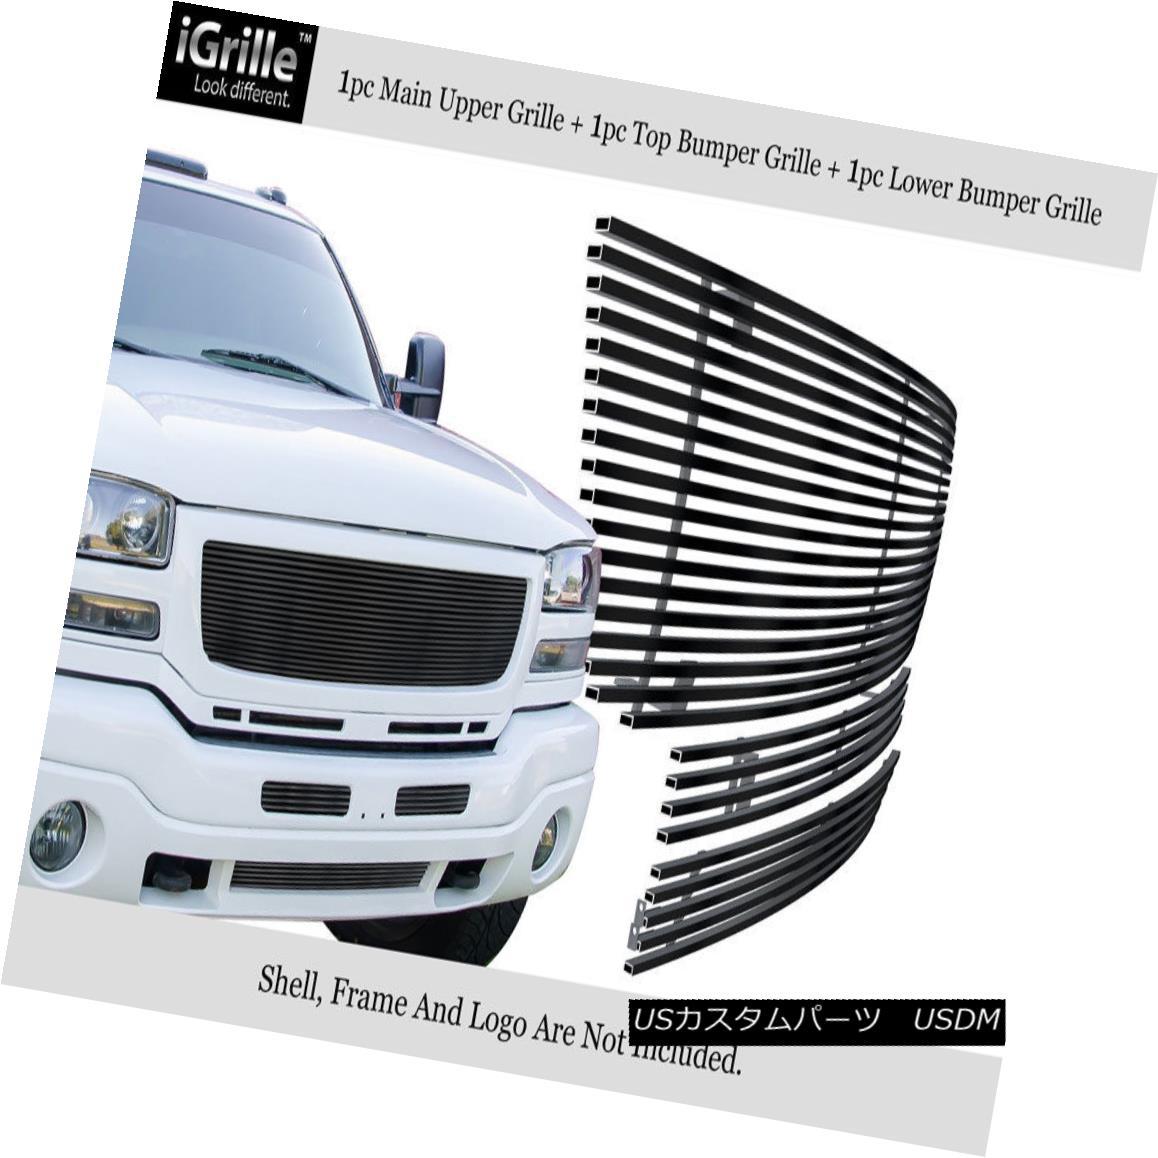 グリル For 2003-2006 GMC Sierra 1500/2500HD/3500 Stainless Black Billet Grille Combo 2003-2006 GMC Sierra 1500 / 2500HD / 35 00ステンレスブラックビレットグリルコンボ用